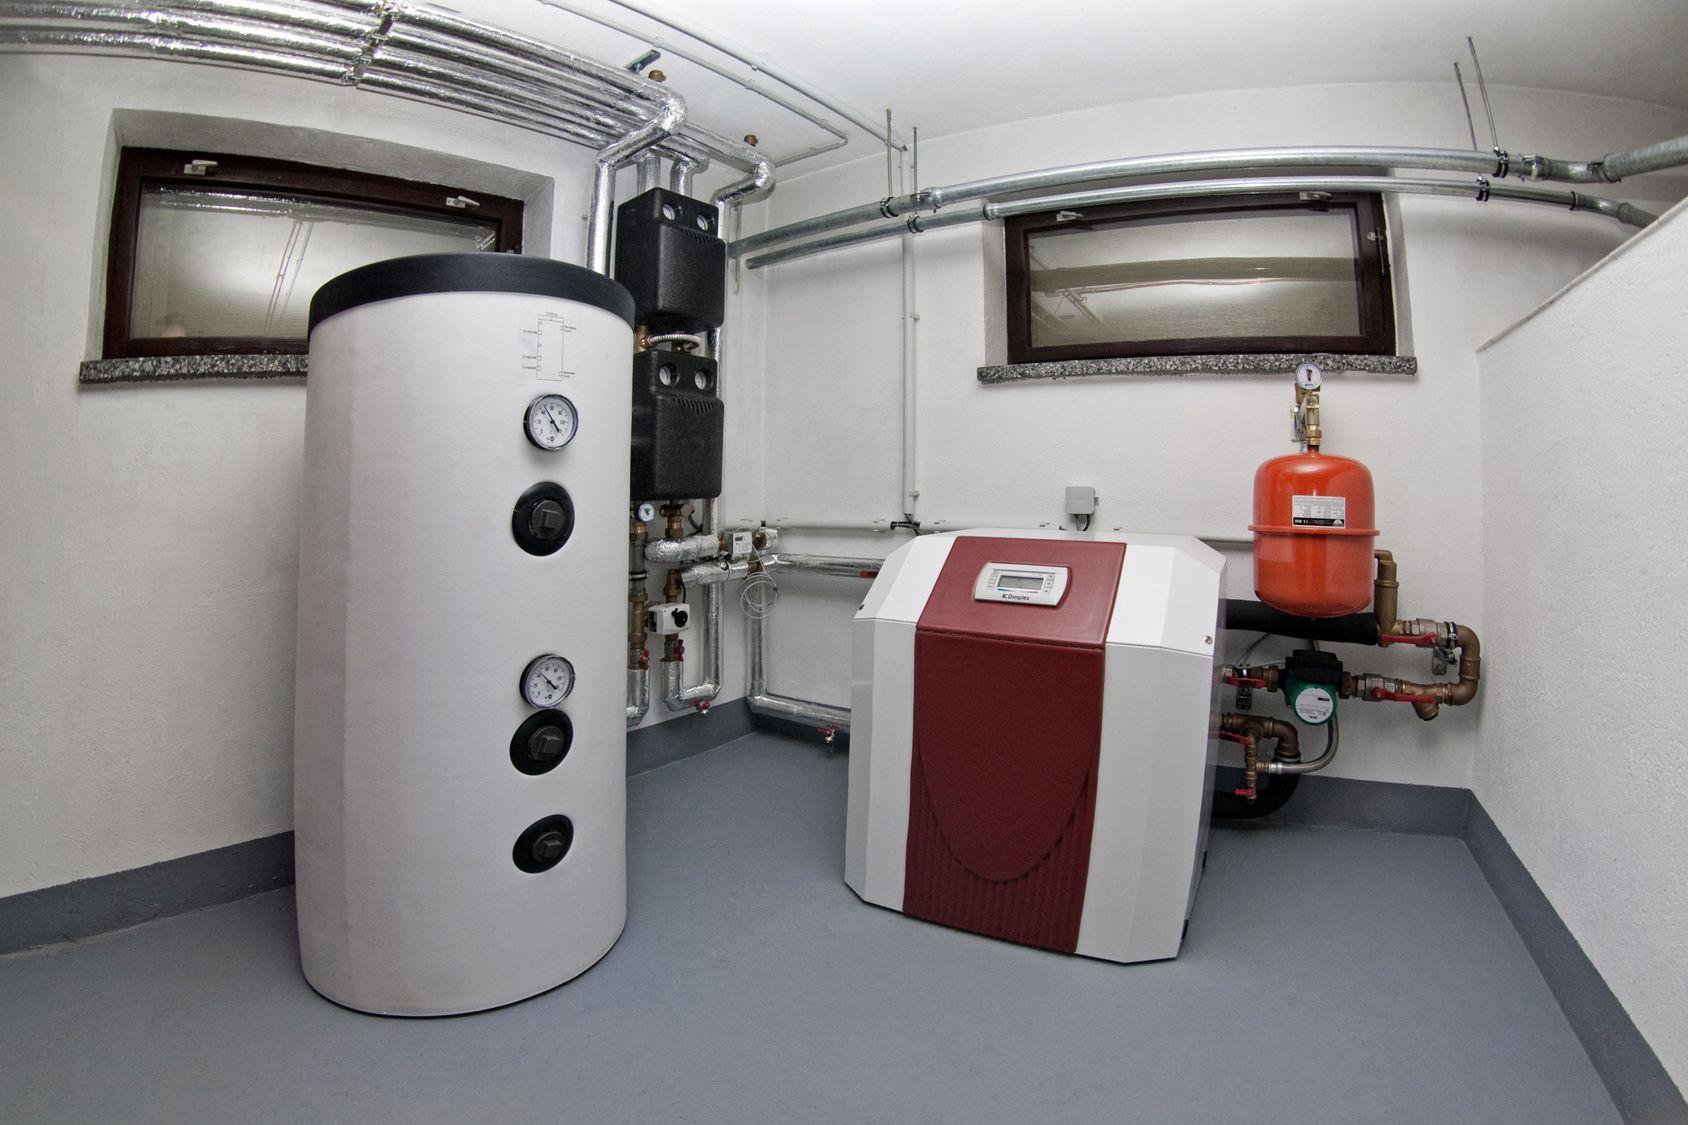 Warmepumpe Wenn Das Bauchgefuhl Trugt Pelletheizung Gasheizung Warmepumpe